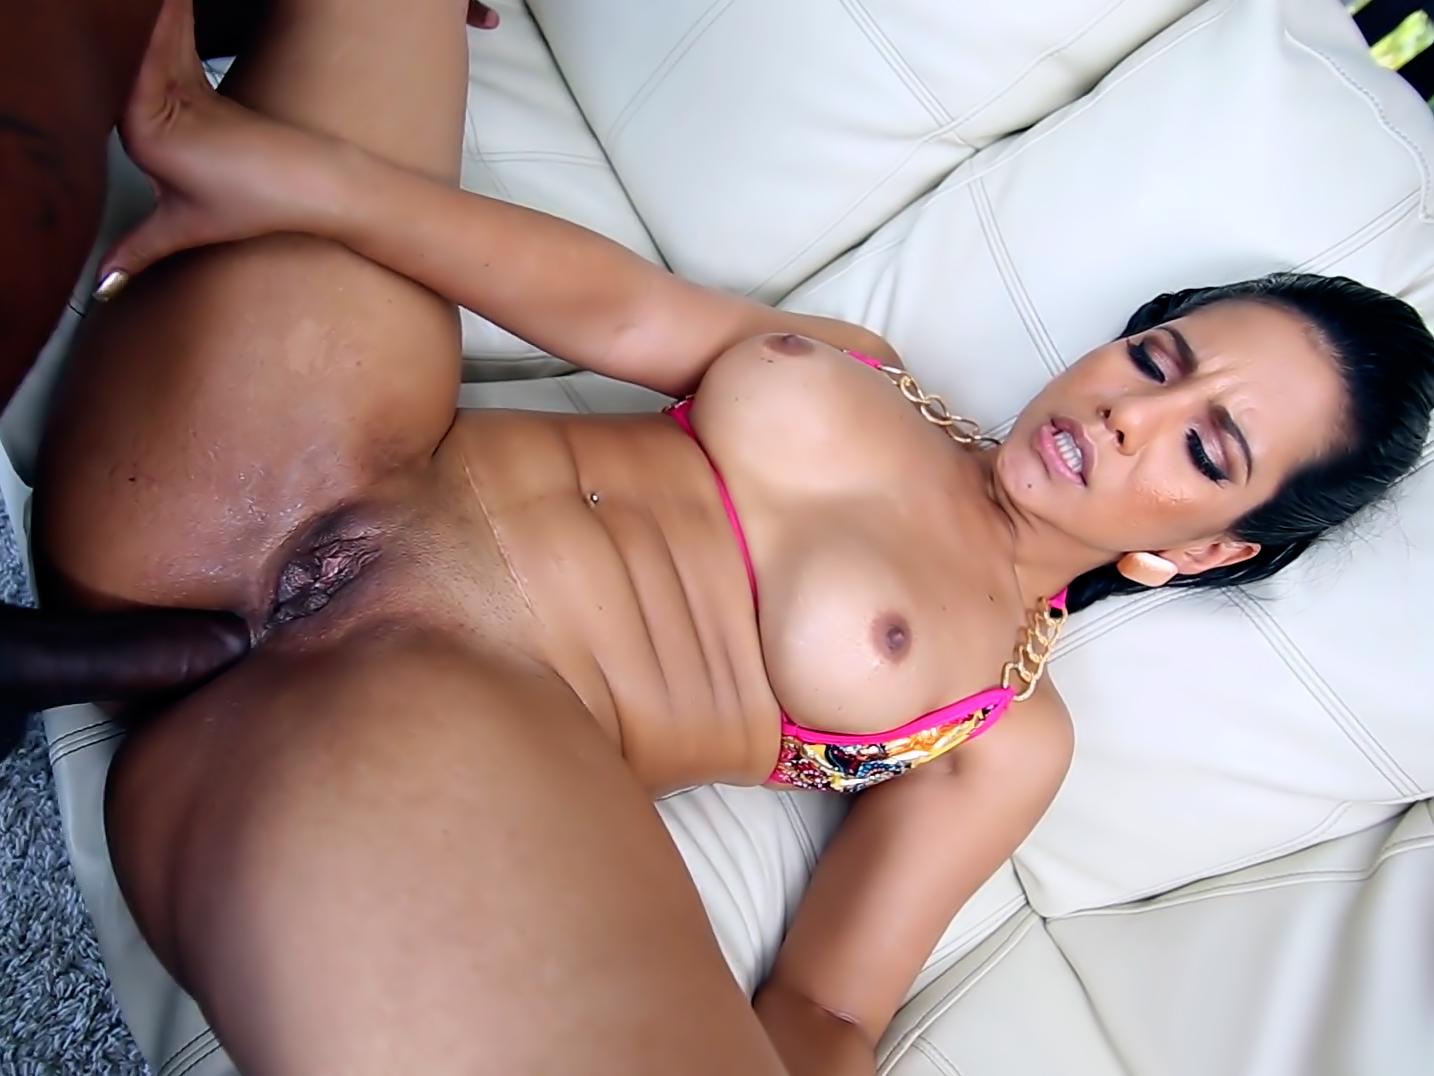 amateur movie clips sex